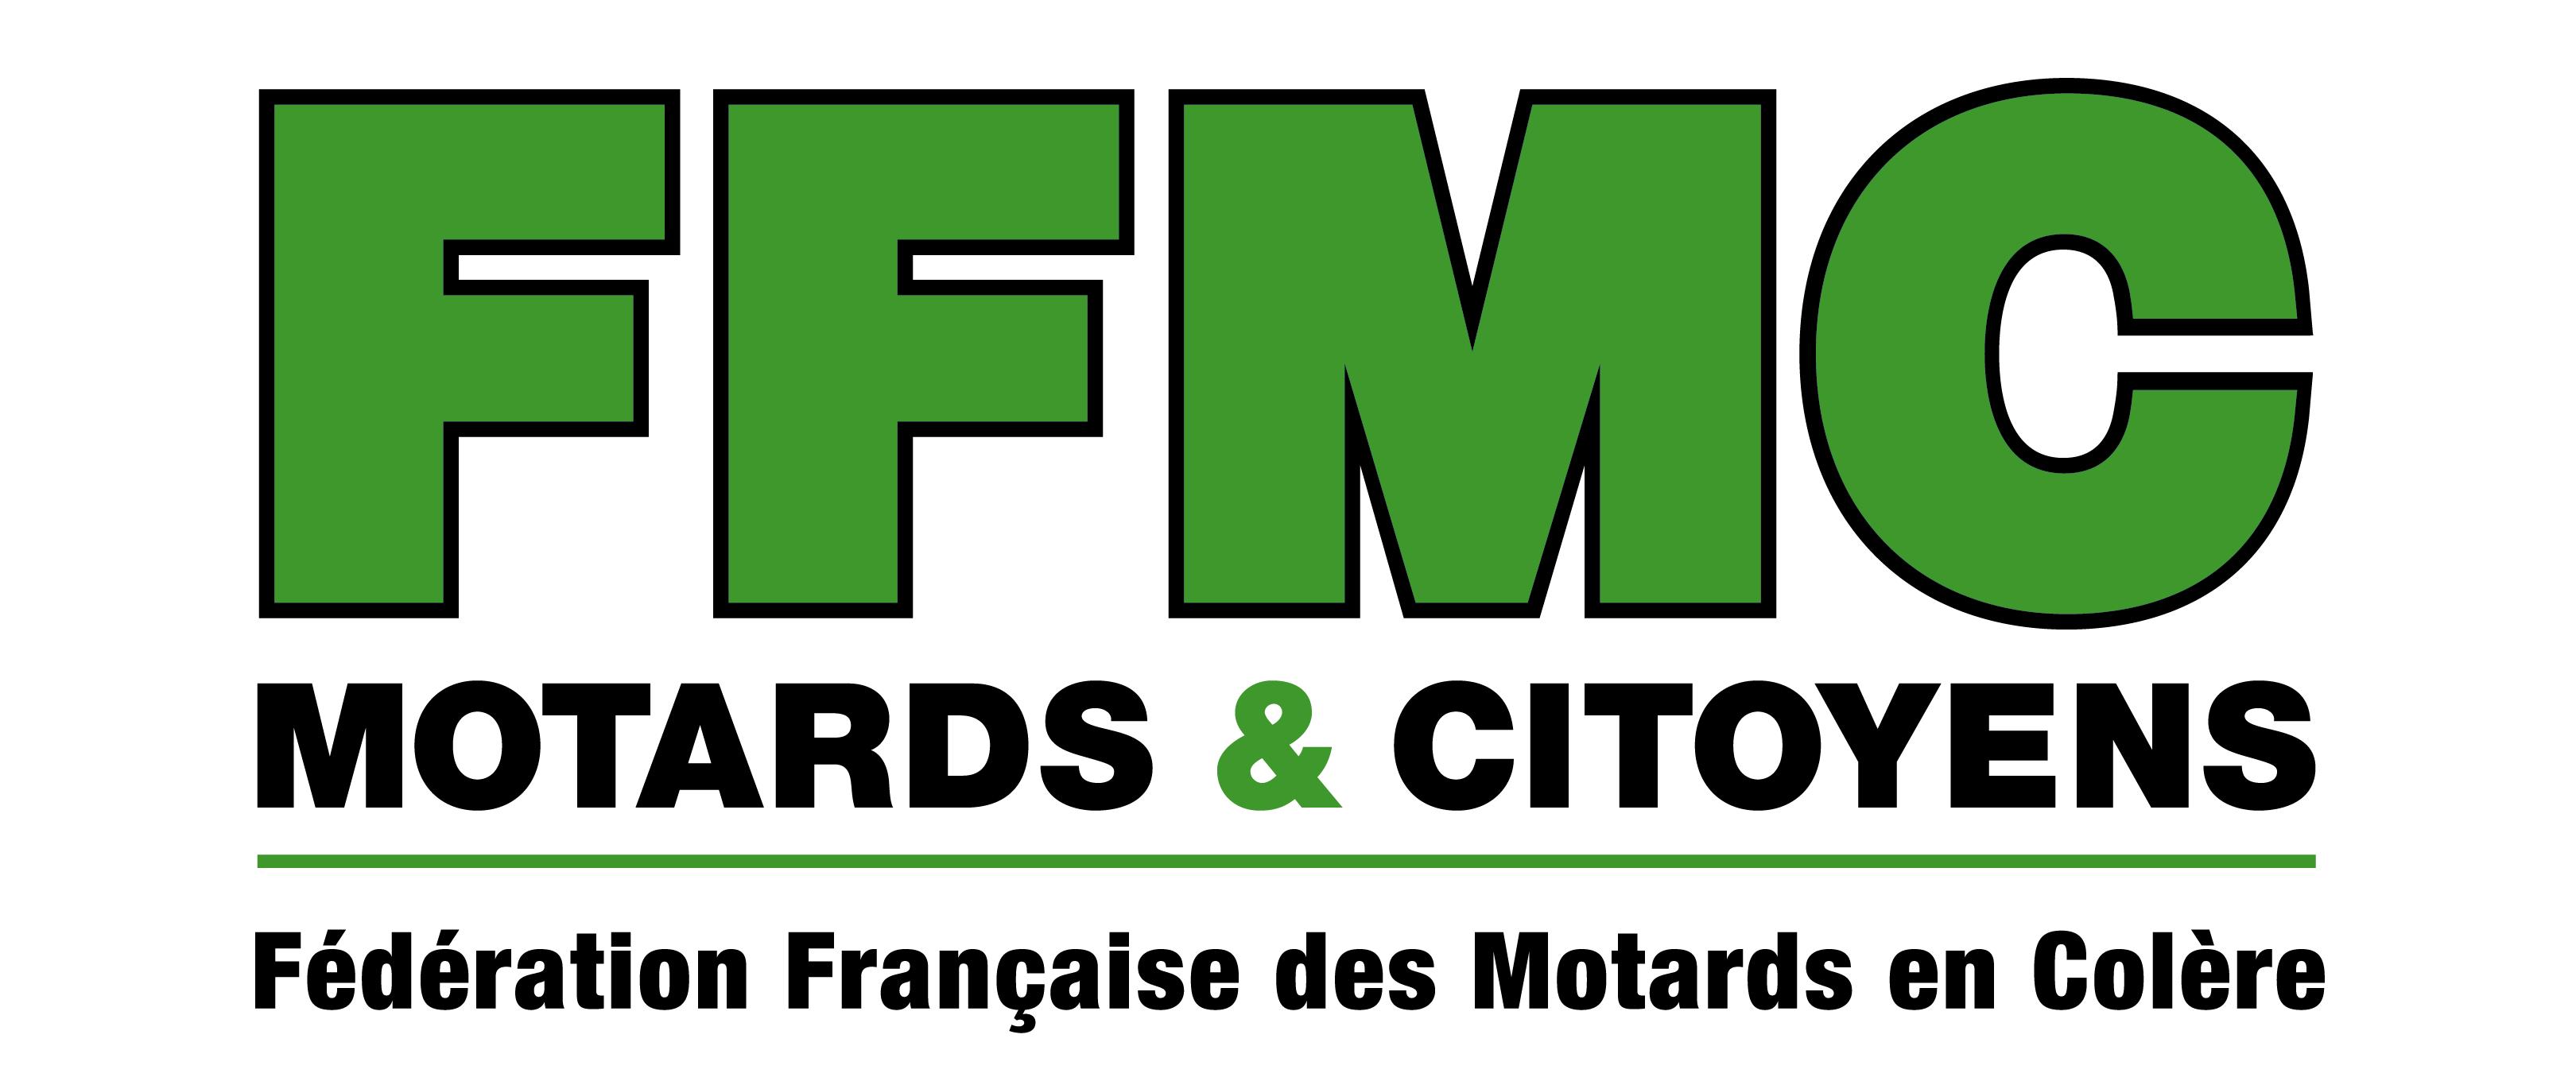 src/assets/logos/ffmc.png